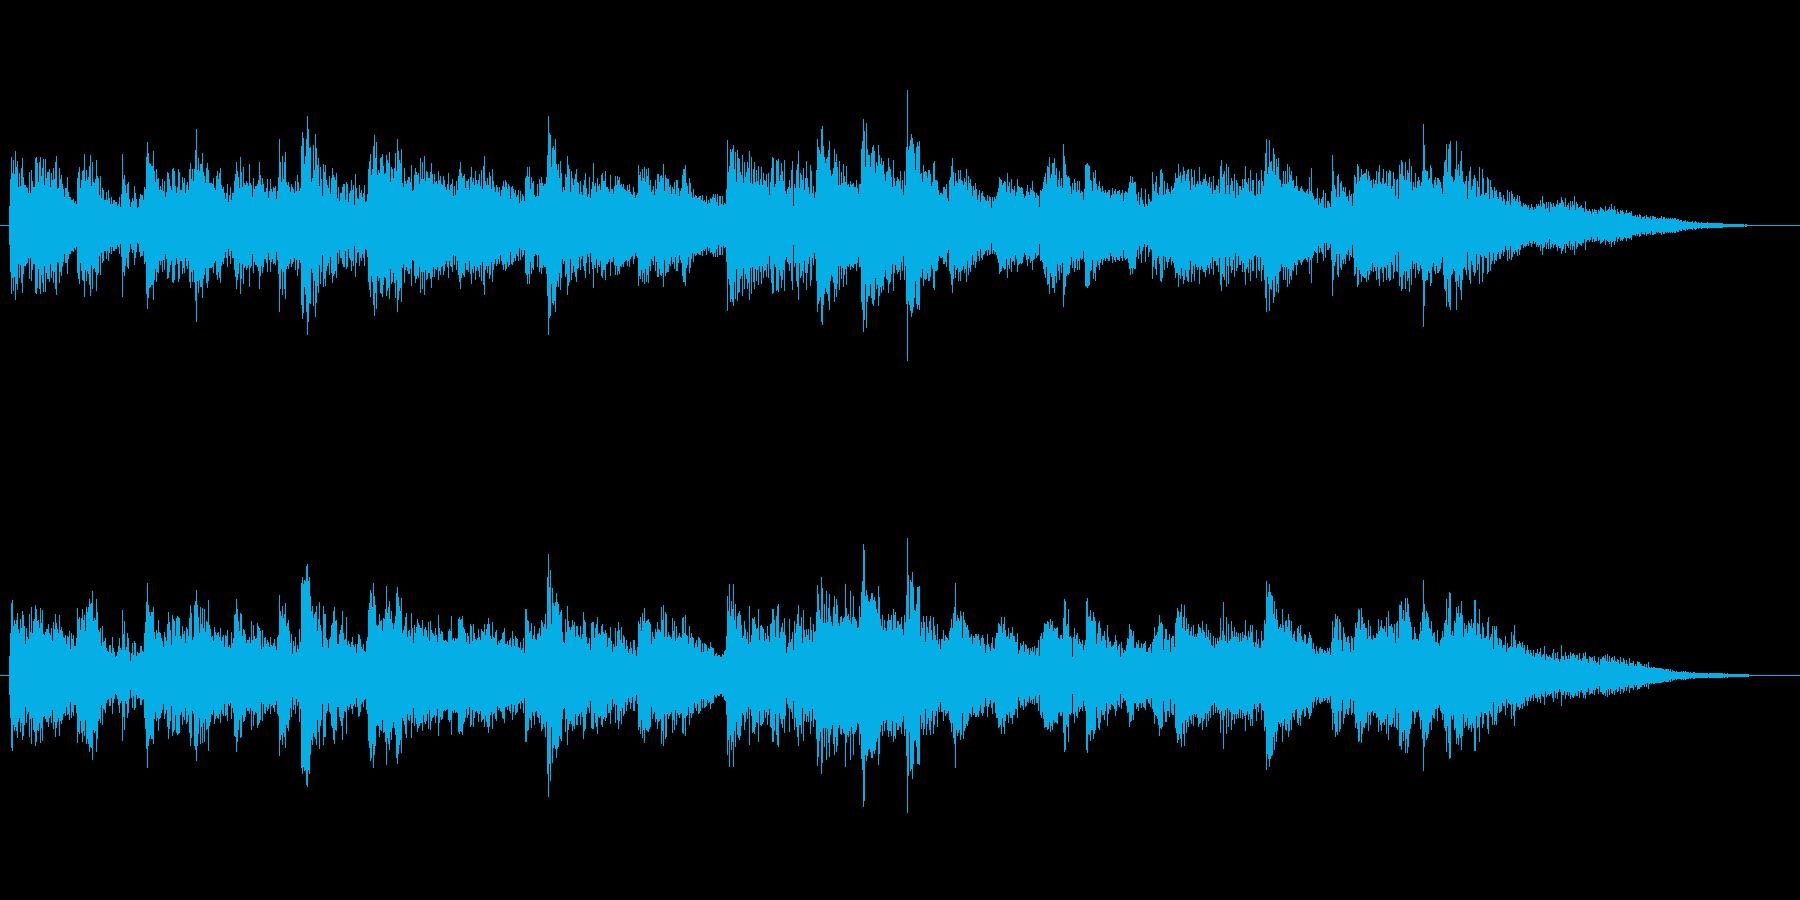 高音質♪和風出囃子ジングル侍姫曲の再生済みの波形